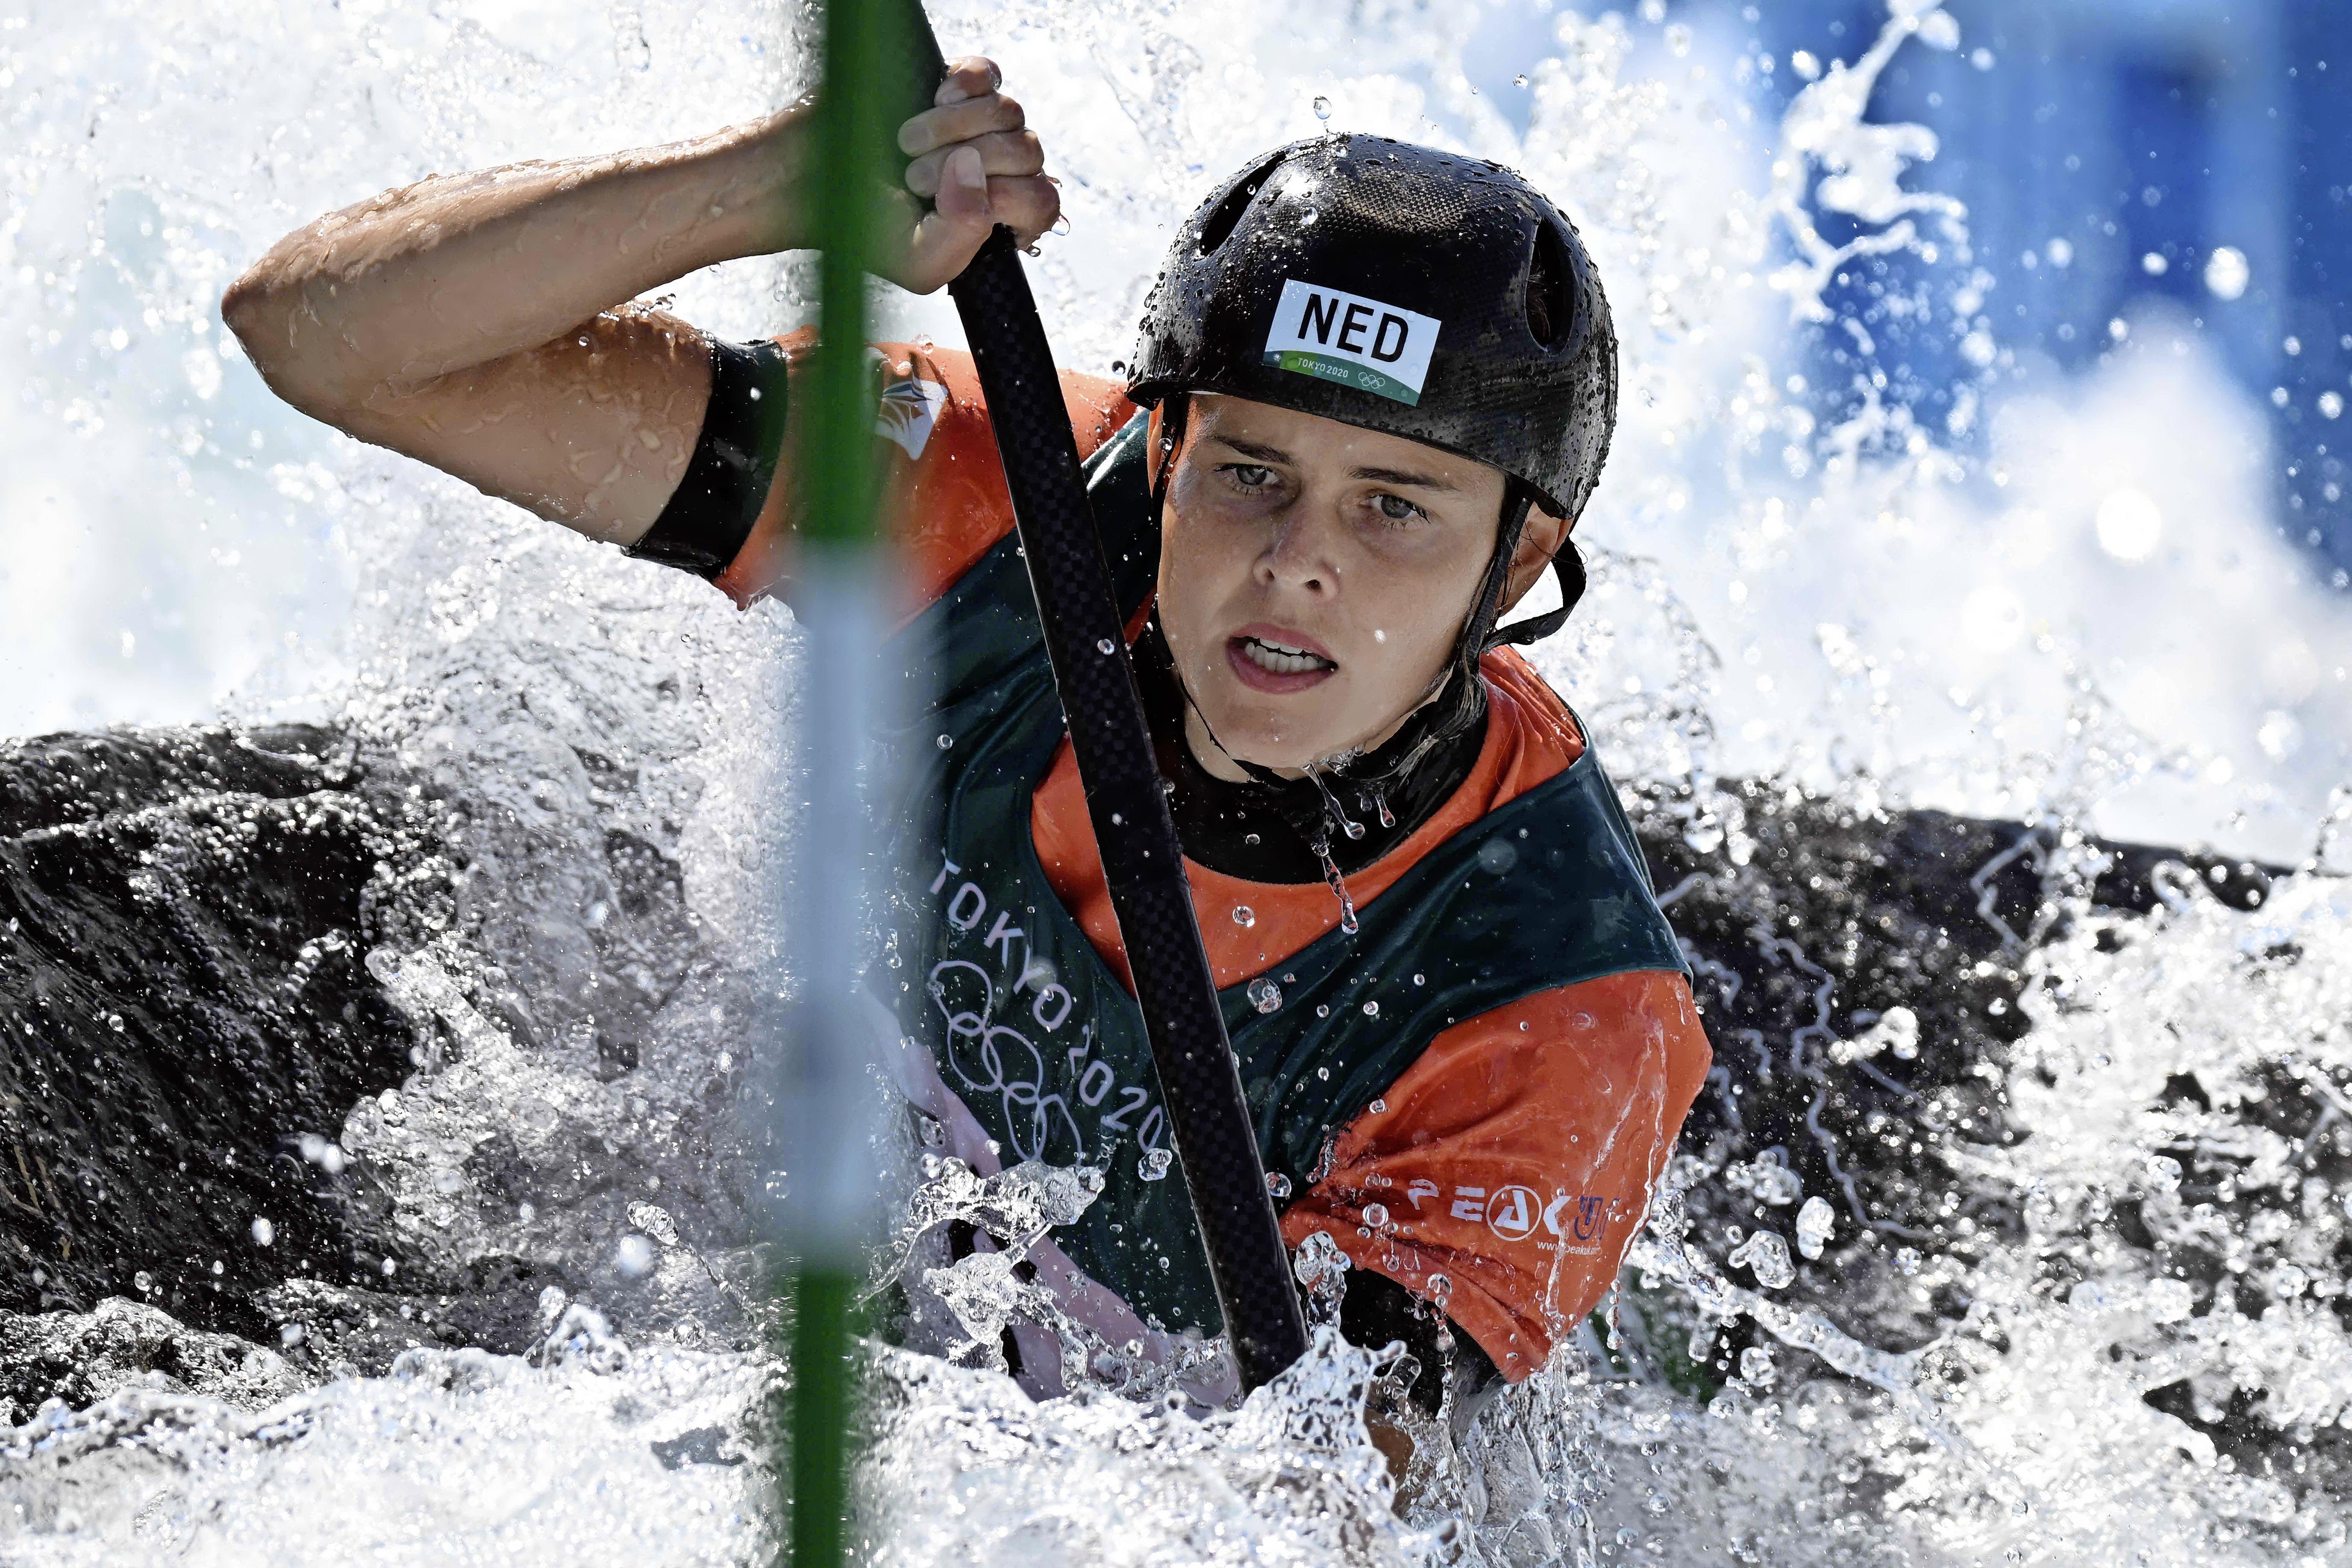 Schoorlse kanovaarster Wegman naar olympische finale slalom